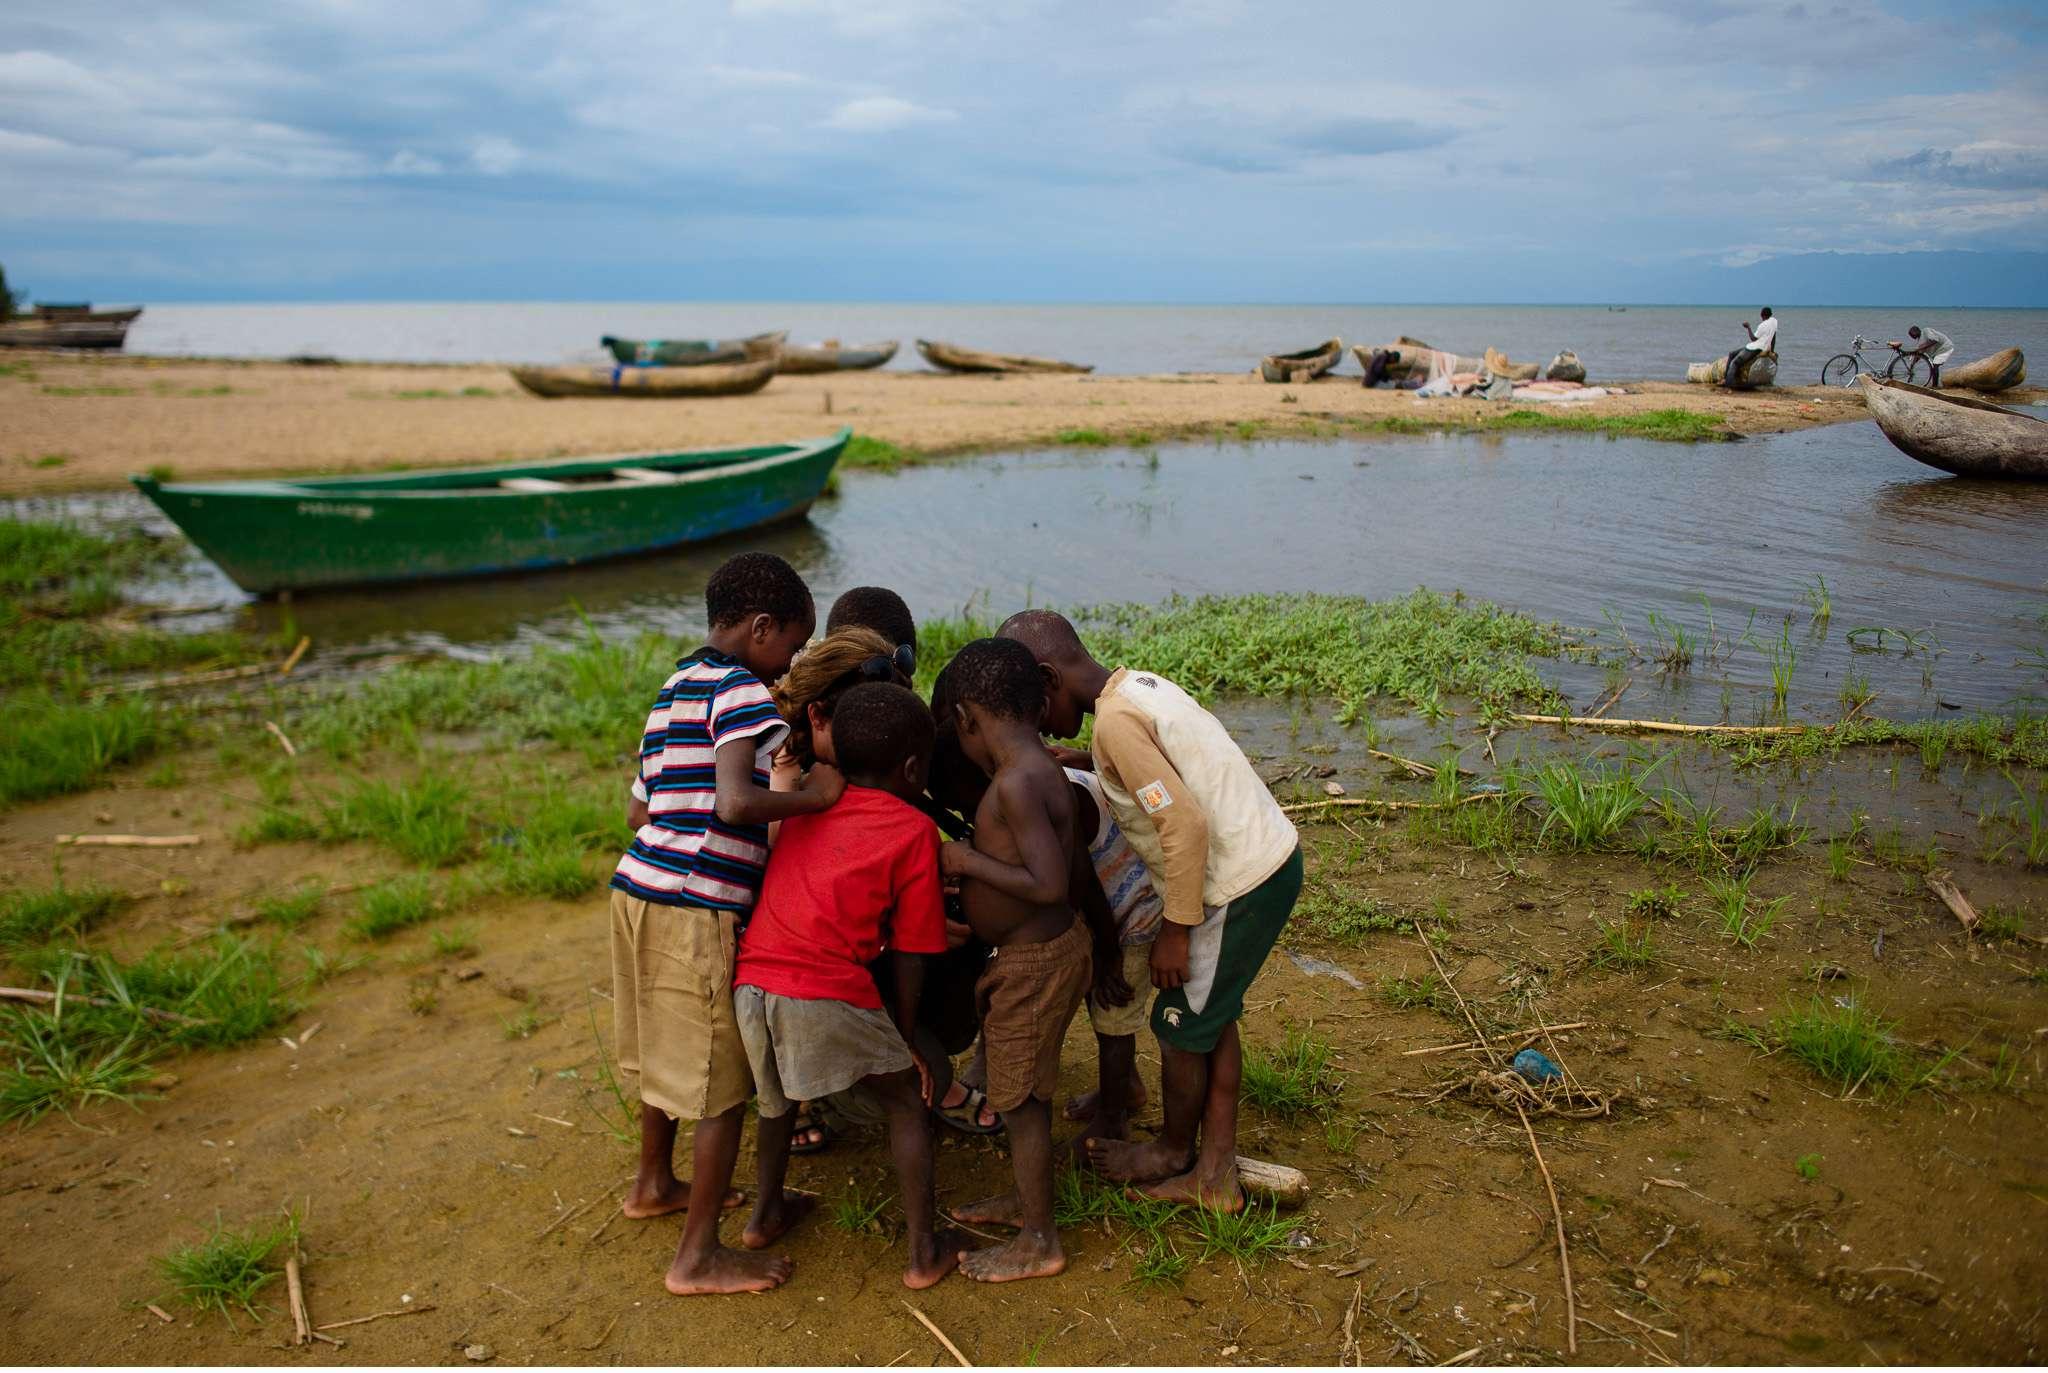 Malawi-Quer durch Afrika- Geschichten von unterwegs by Marion and Daniel-81